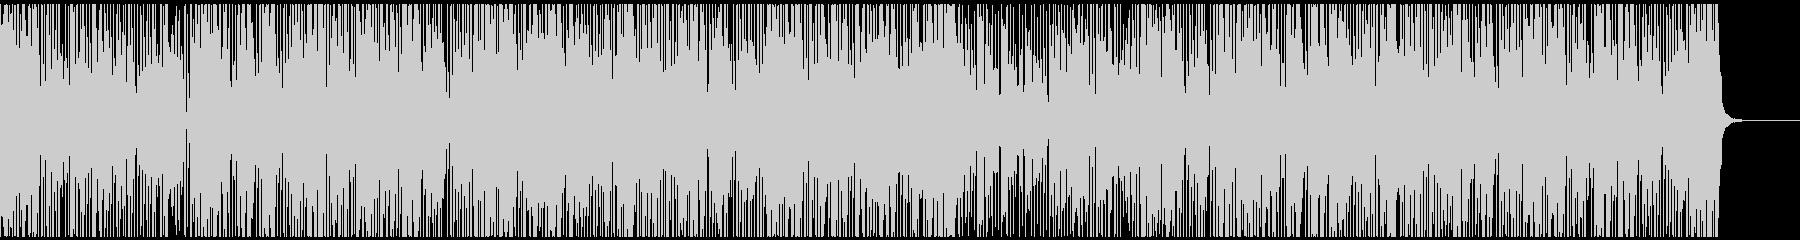 パーカッシブなFunkビートBGMの未再生の波形